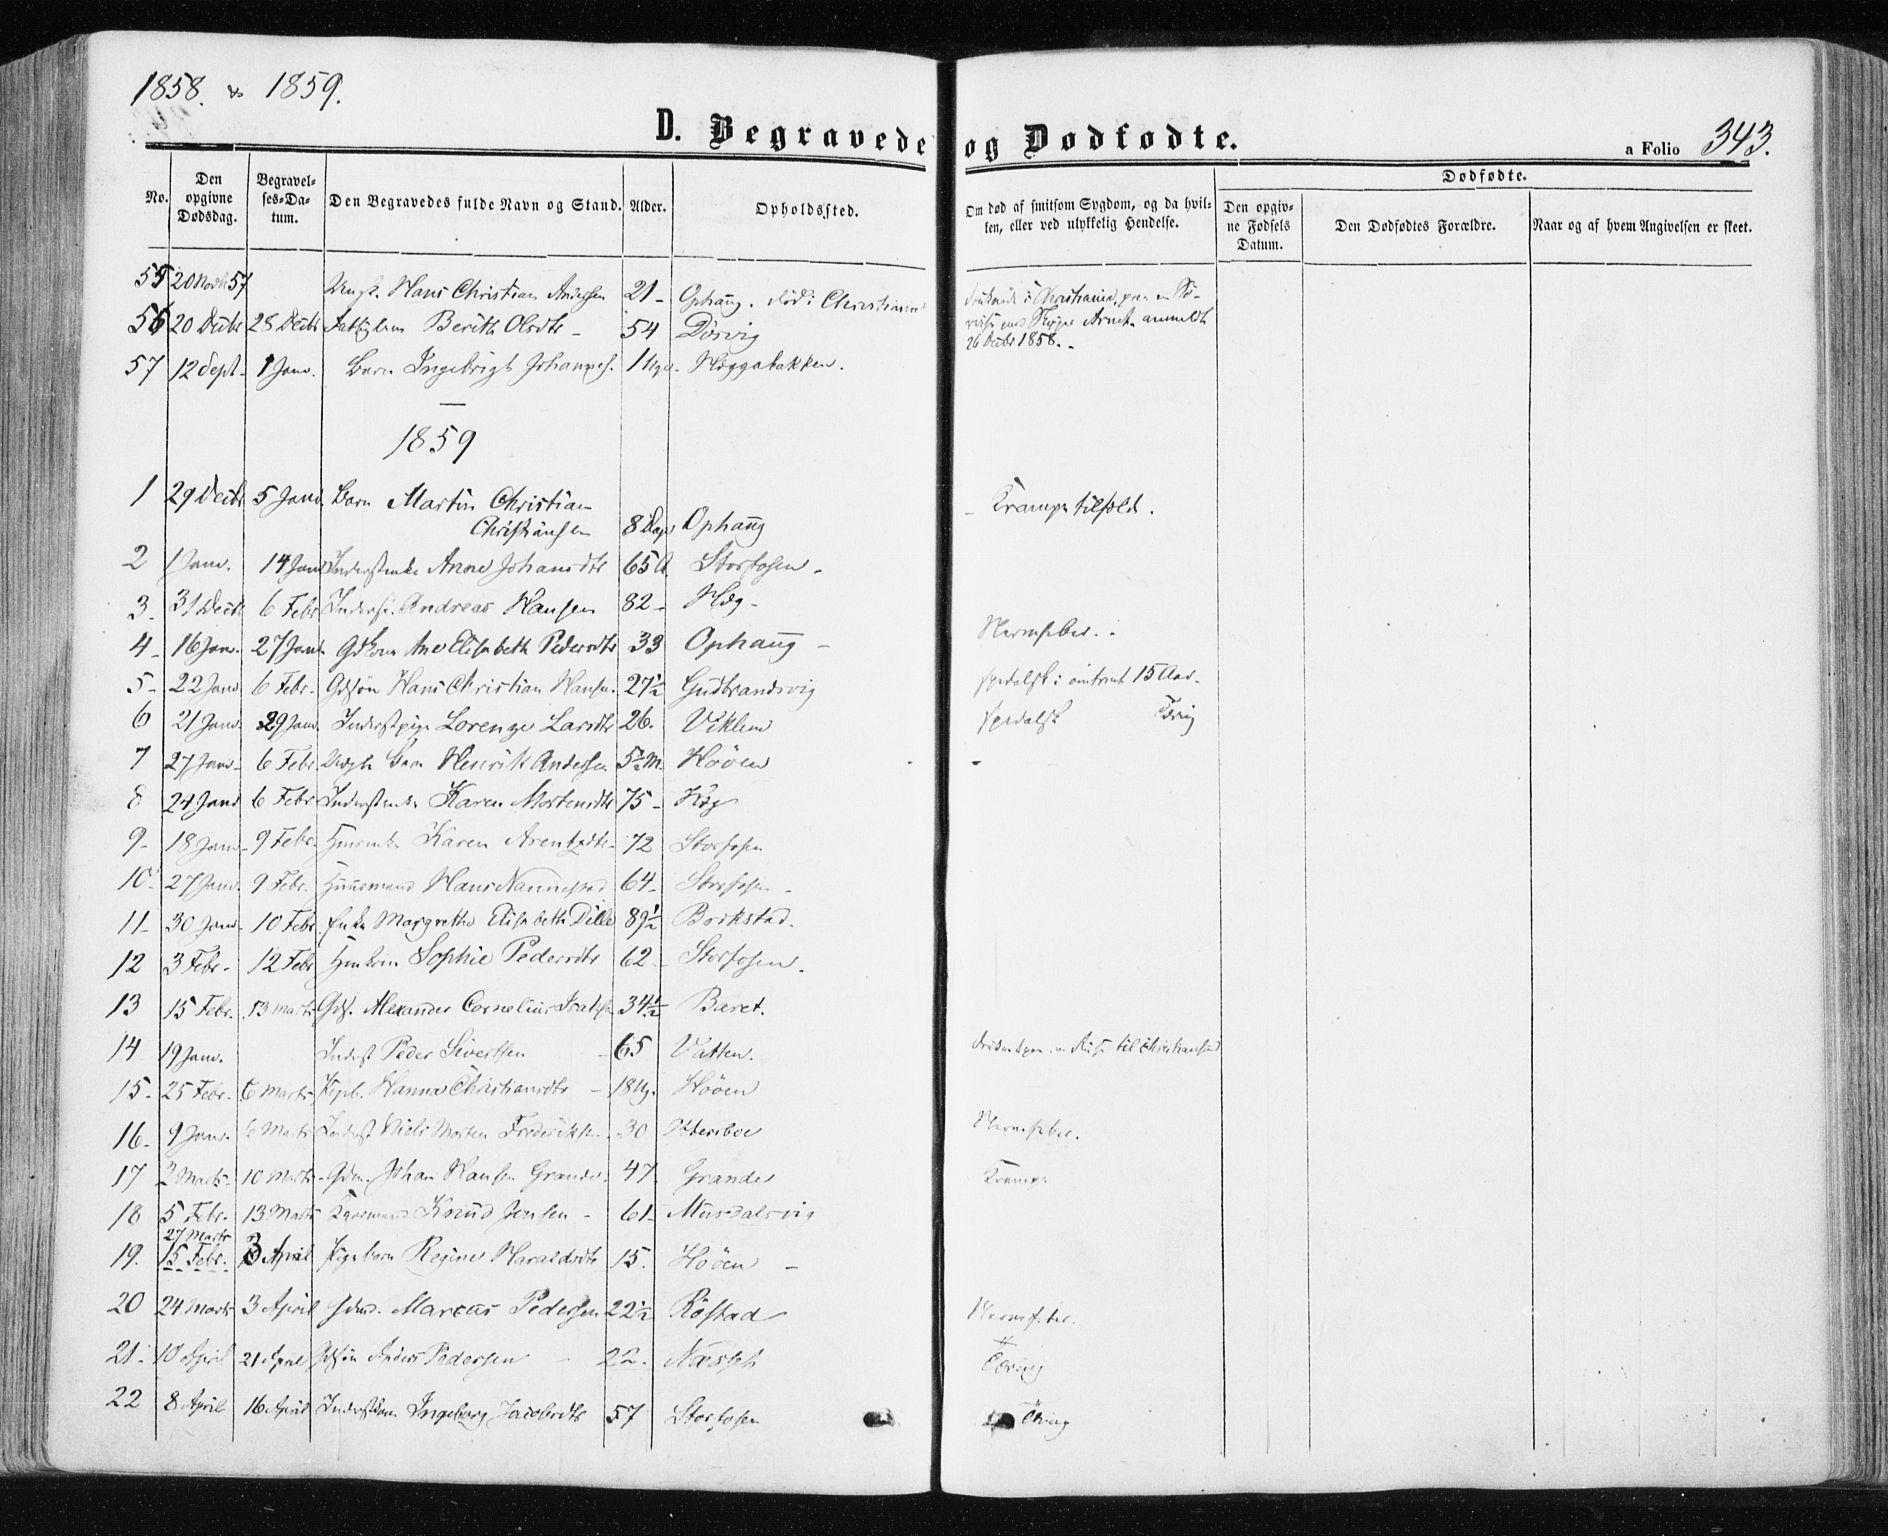 SAT, Ministerialprotokoller, klokkerbøker og fødselsregistre - Sør-Trøndelag, 659/L0737: Ministerialbok nr. 659A07, 1857-1875, s. 343